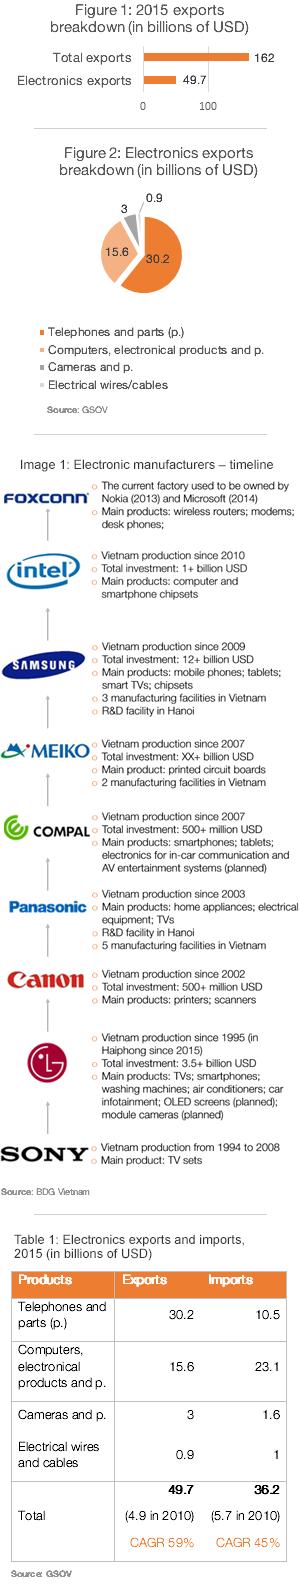 EU-Vietnam Freihandelsabkommen;  erste Impact Analyse